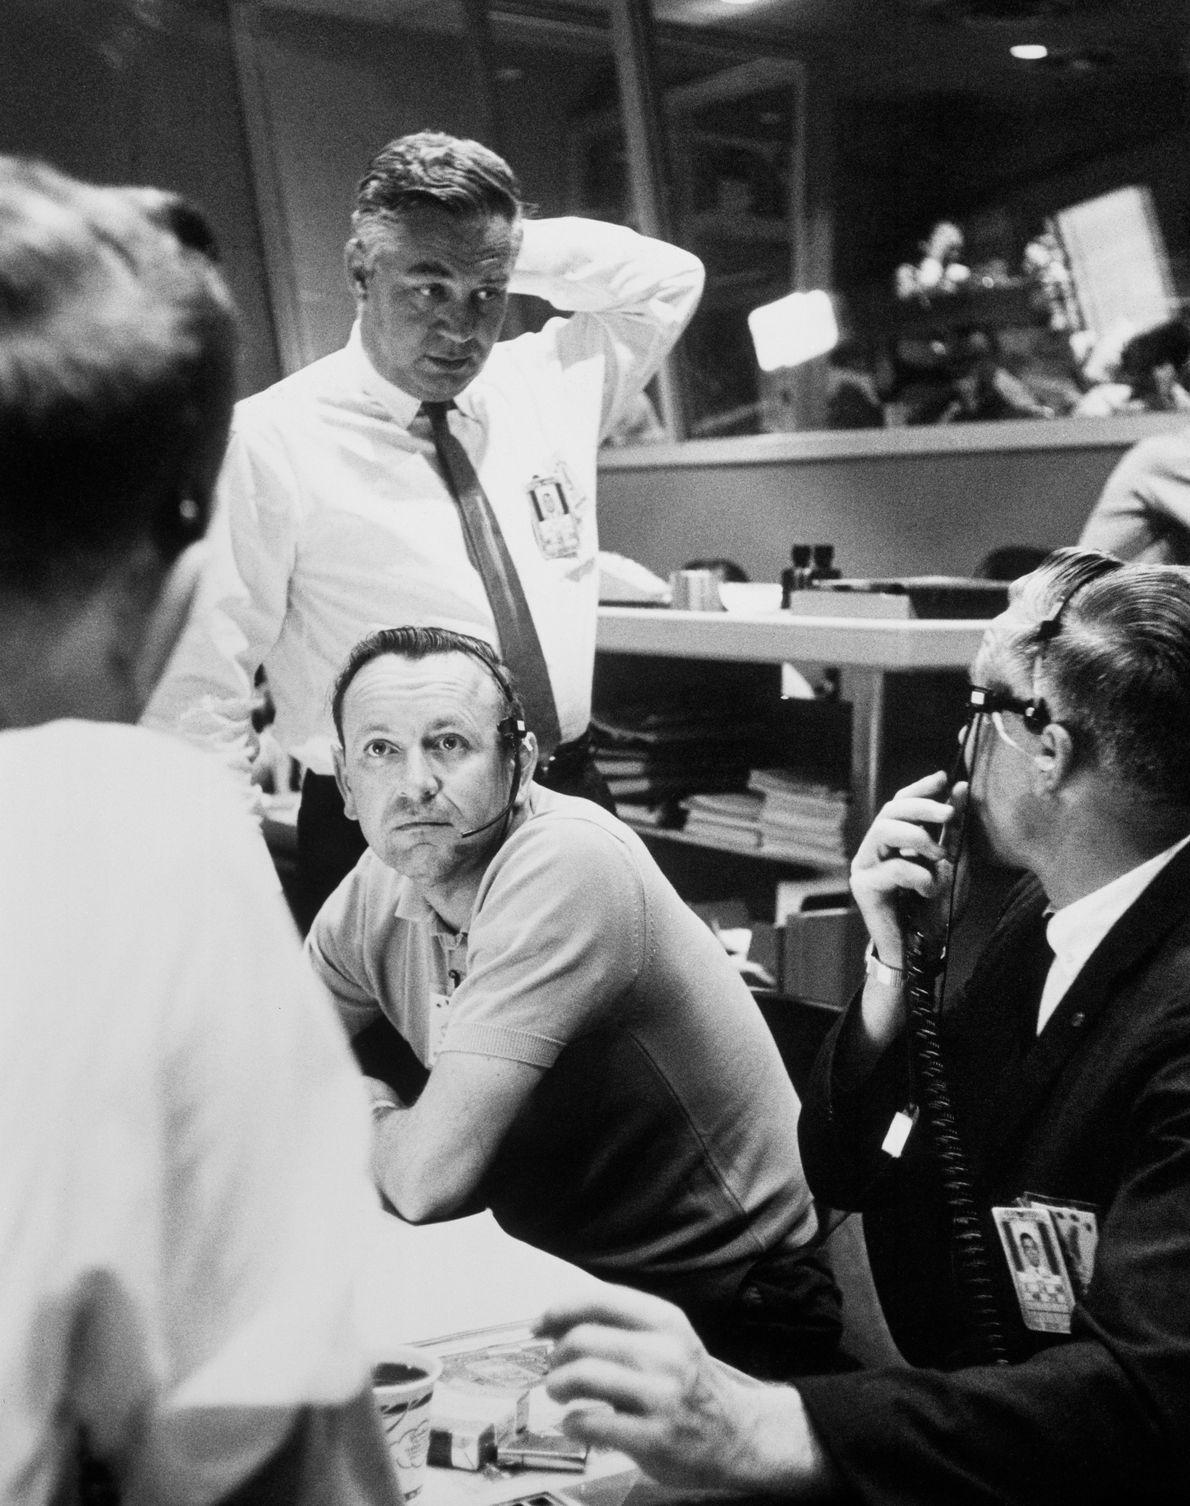 Os oficiais no Centro de Controlo decidem efetuar 22 órbitas durante a última missão Mercury, com ...